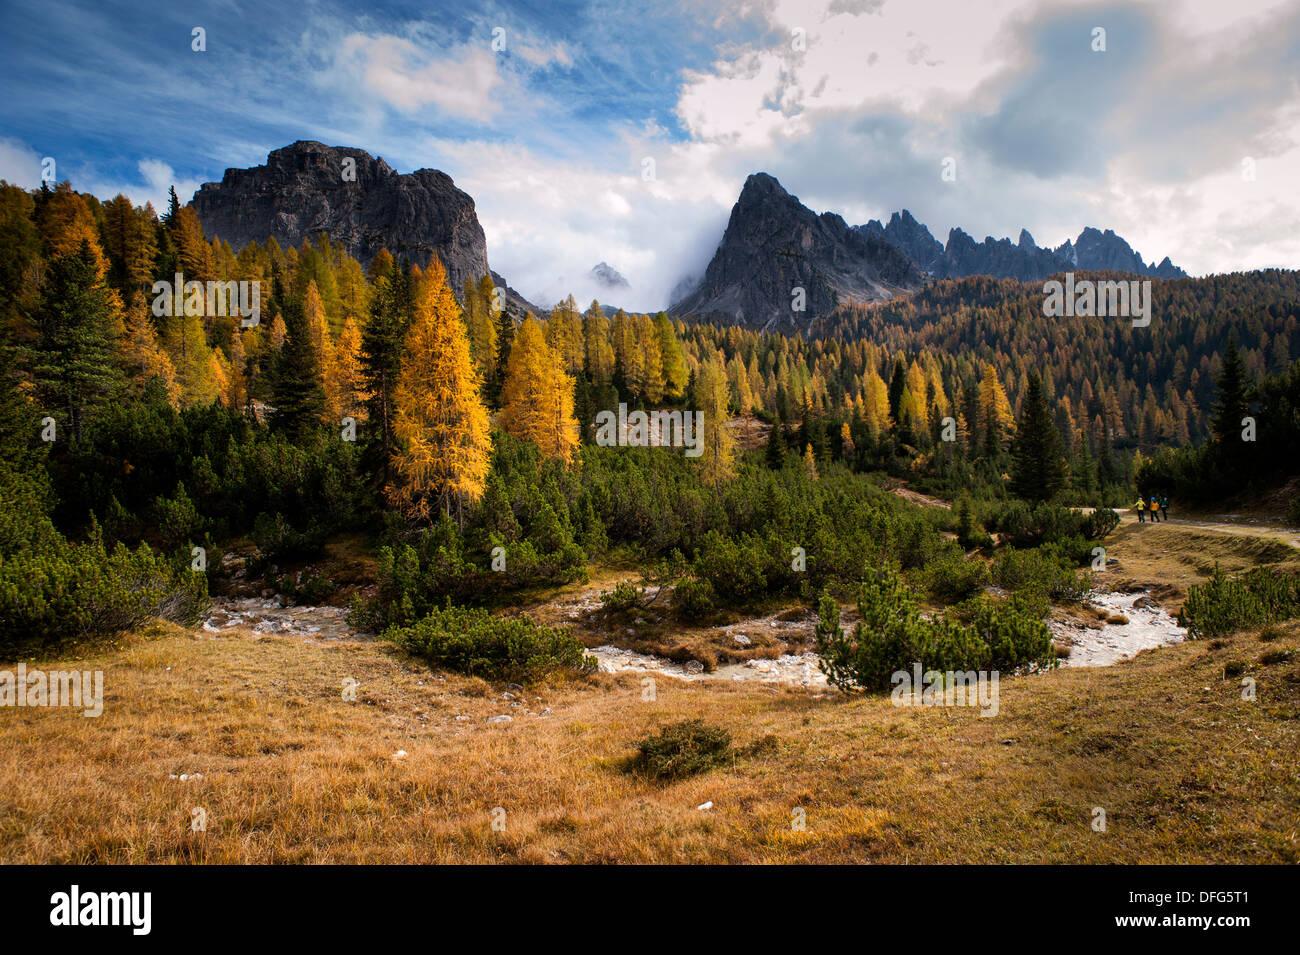 Cristallo mountains near Cortina d'Ampezzo in the Dolomites Mountain Range, Italy. - Stock Image